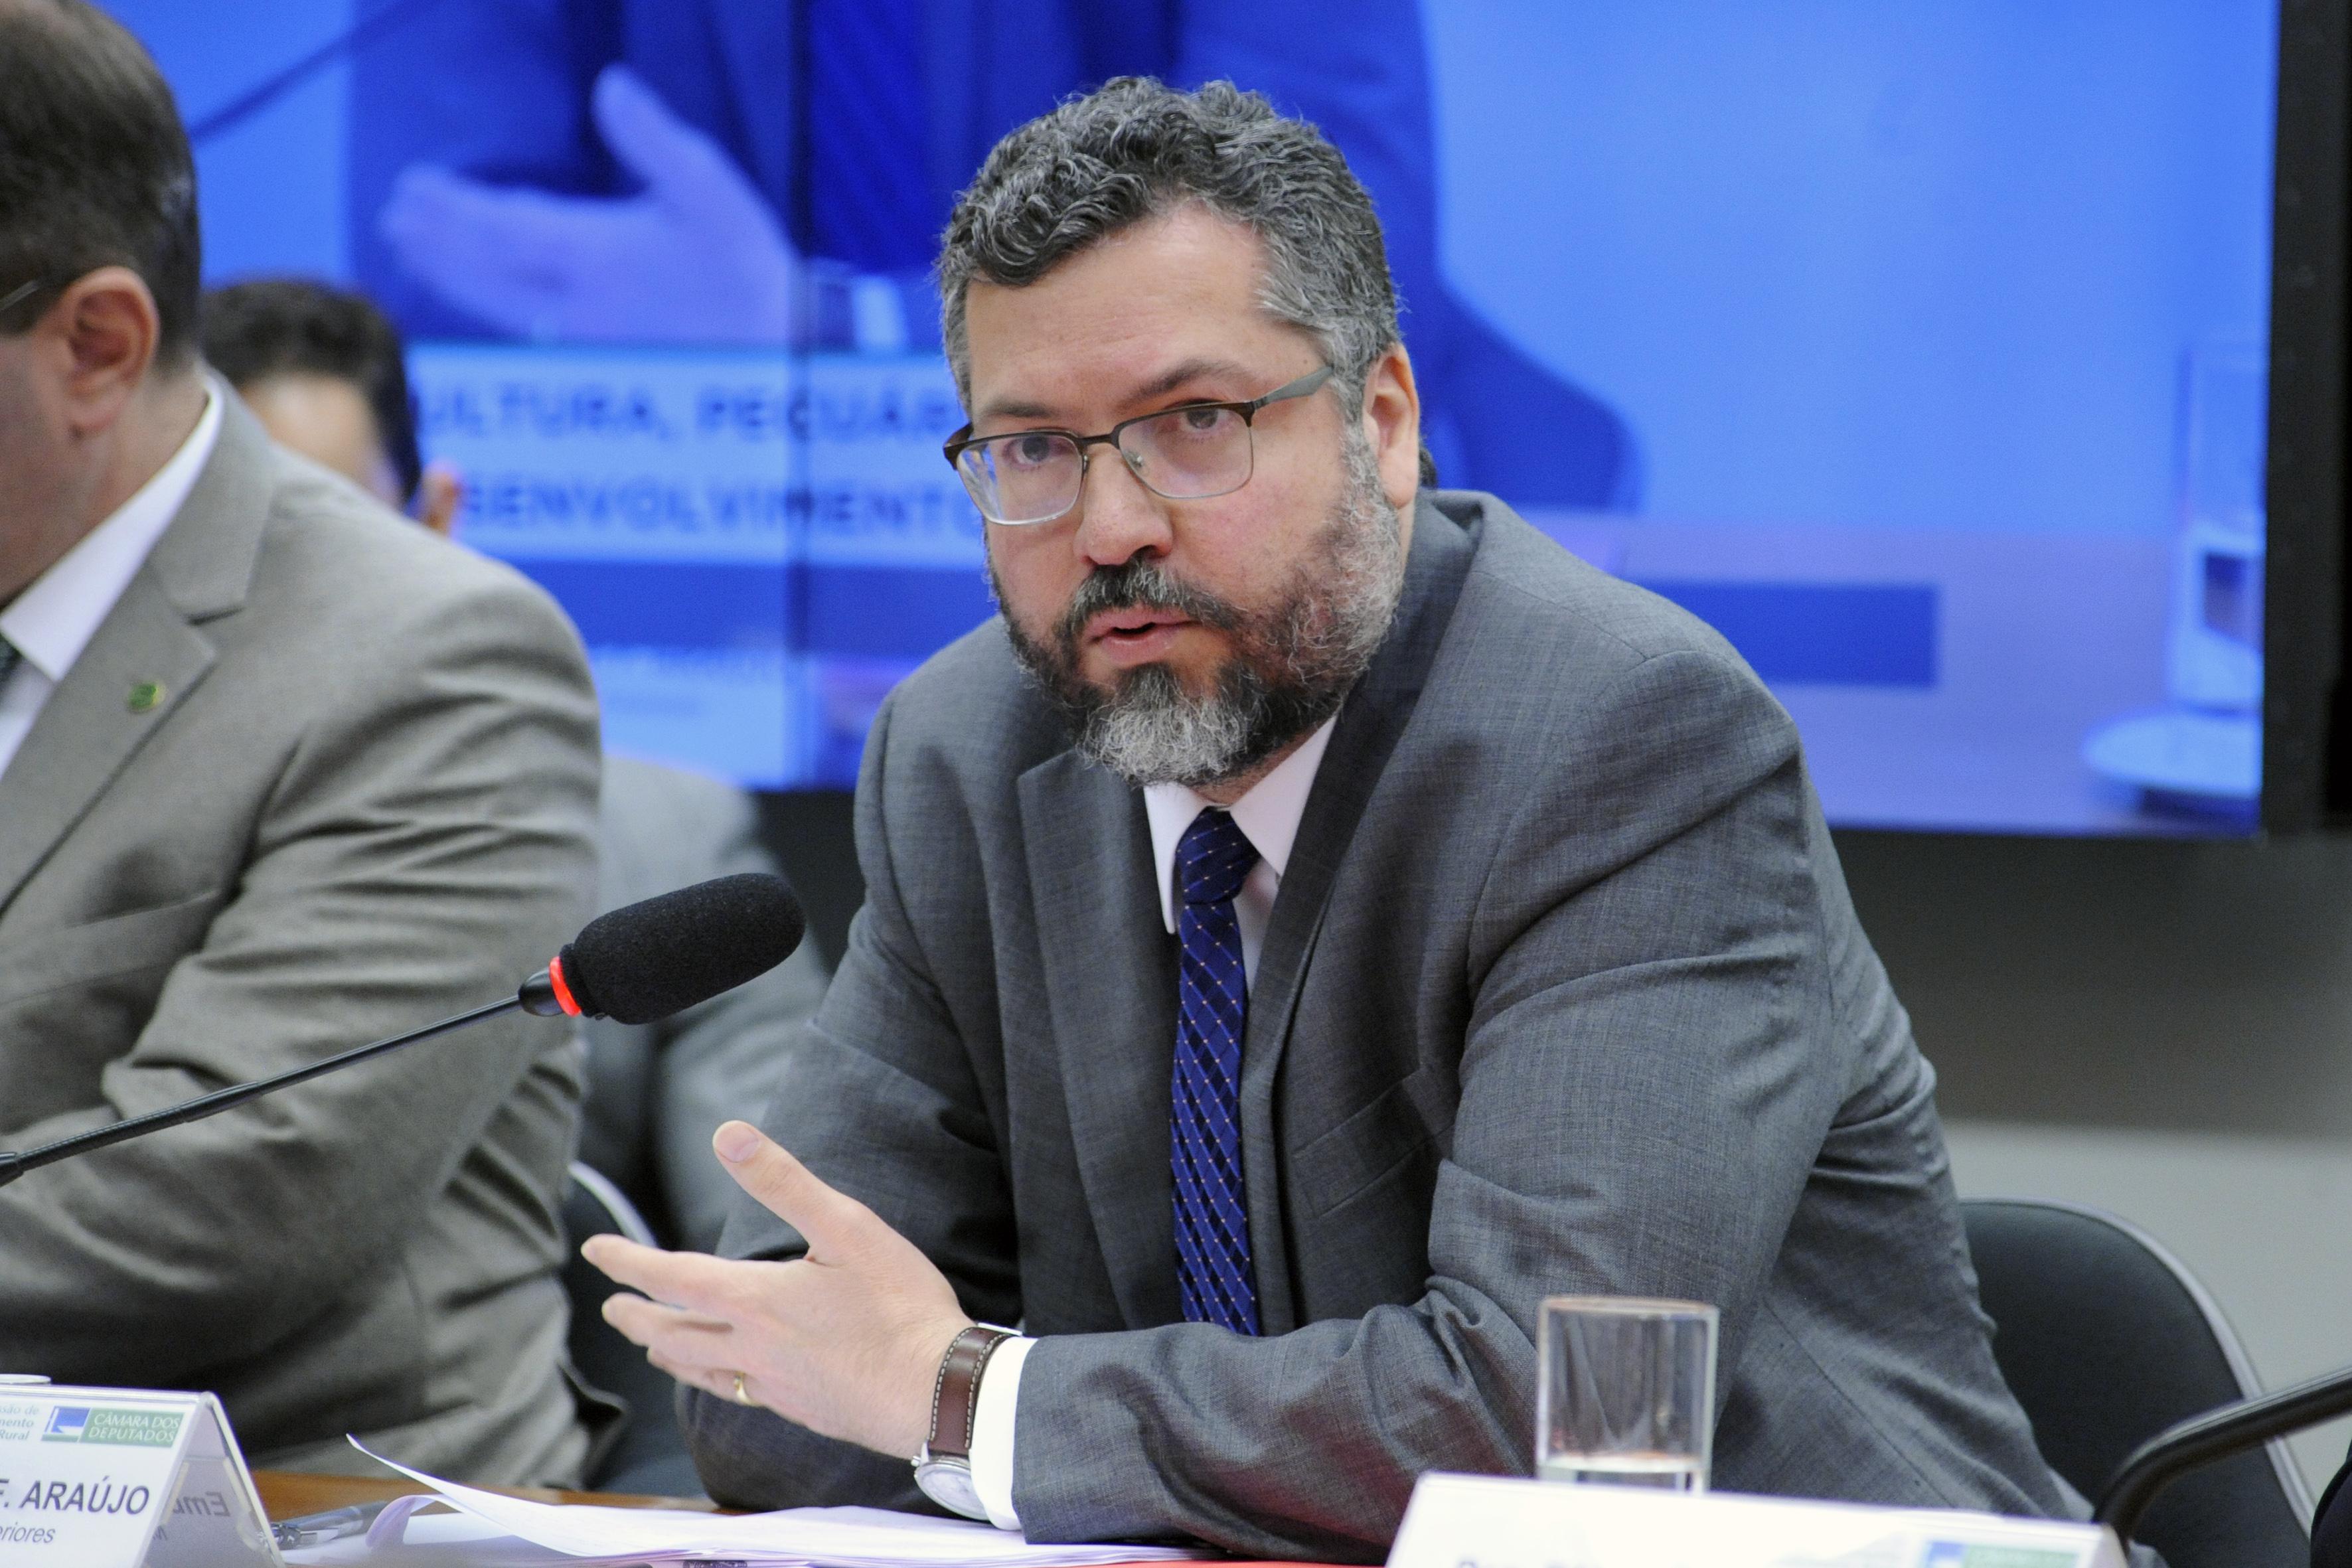 Reunião para esclarecer as possíveis repercussões para o comércio externo do agronegócio brasileiro. Ministro de Estado das Relações Exteriores, Embaixador Ernesto Henrique Fraga Araújo